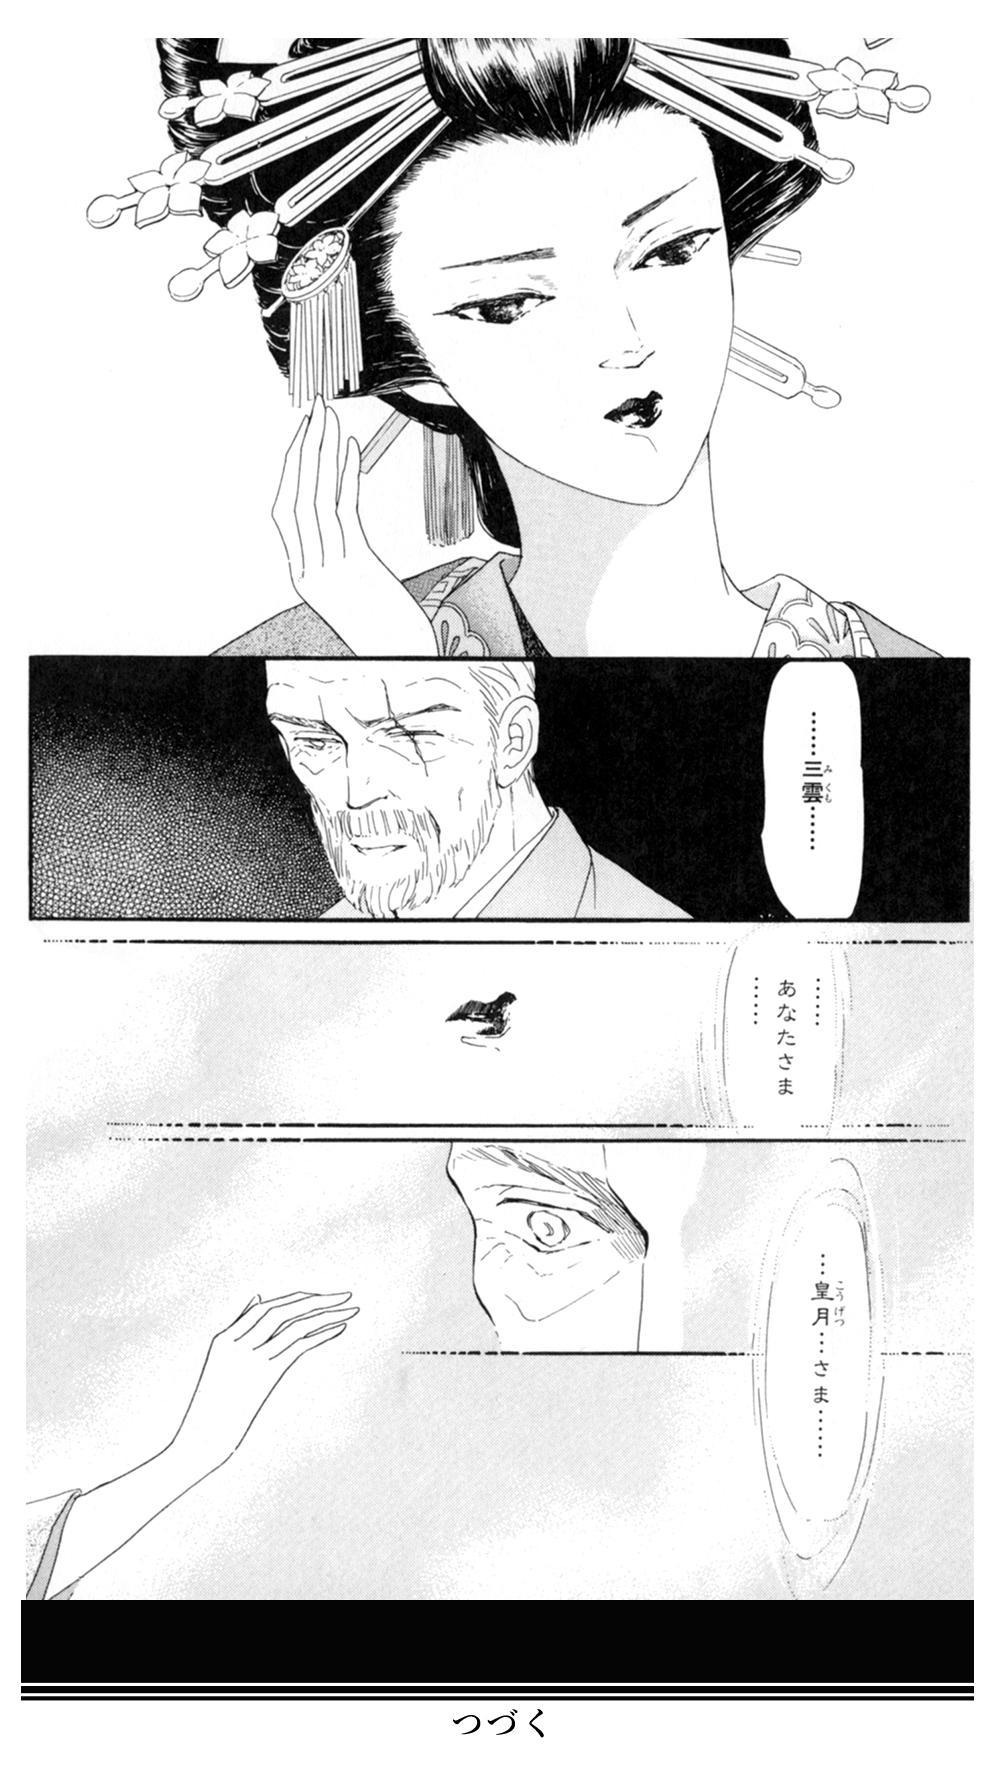 雨柳堂夢咄 第5話「花に暮れる」①uryudo01-127.jpg